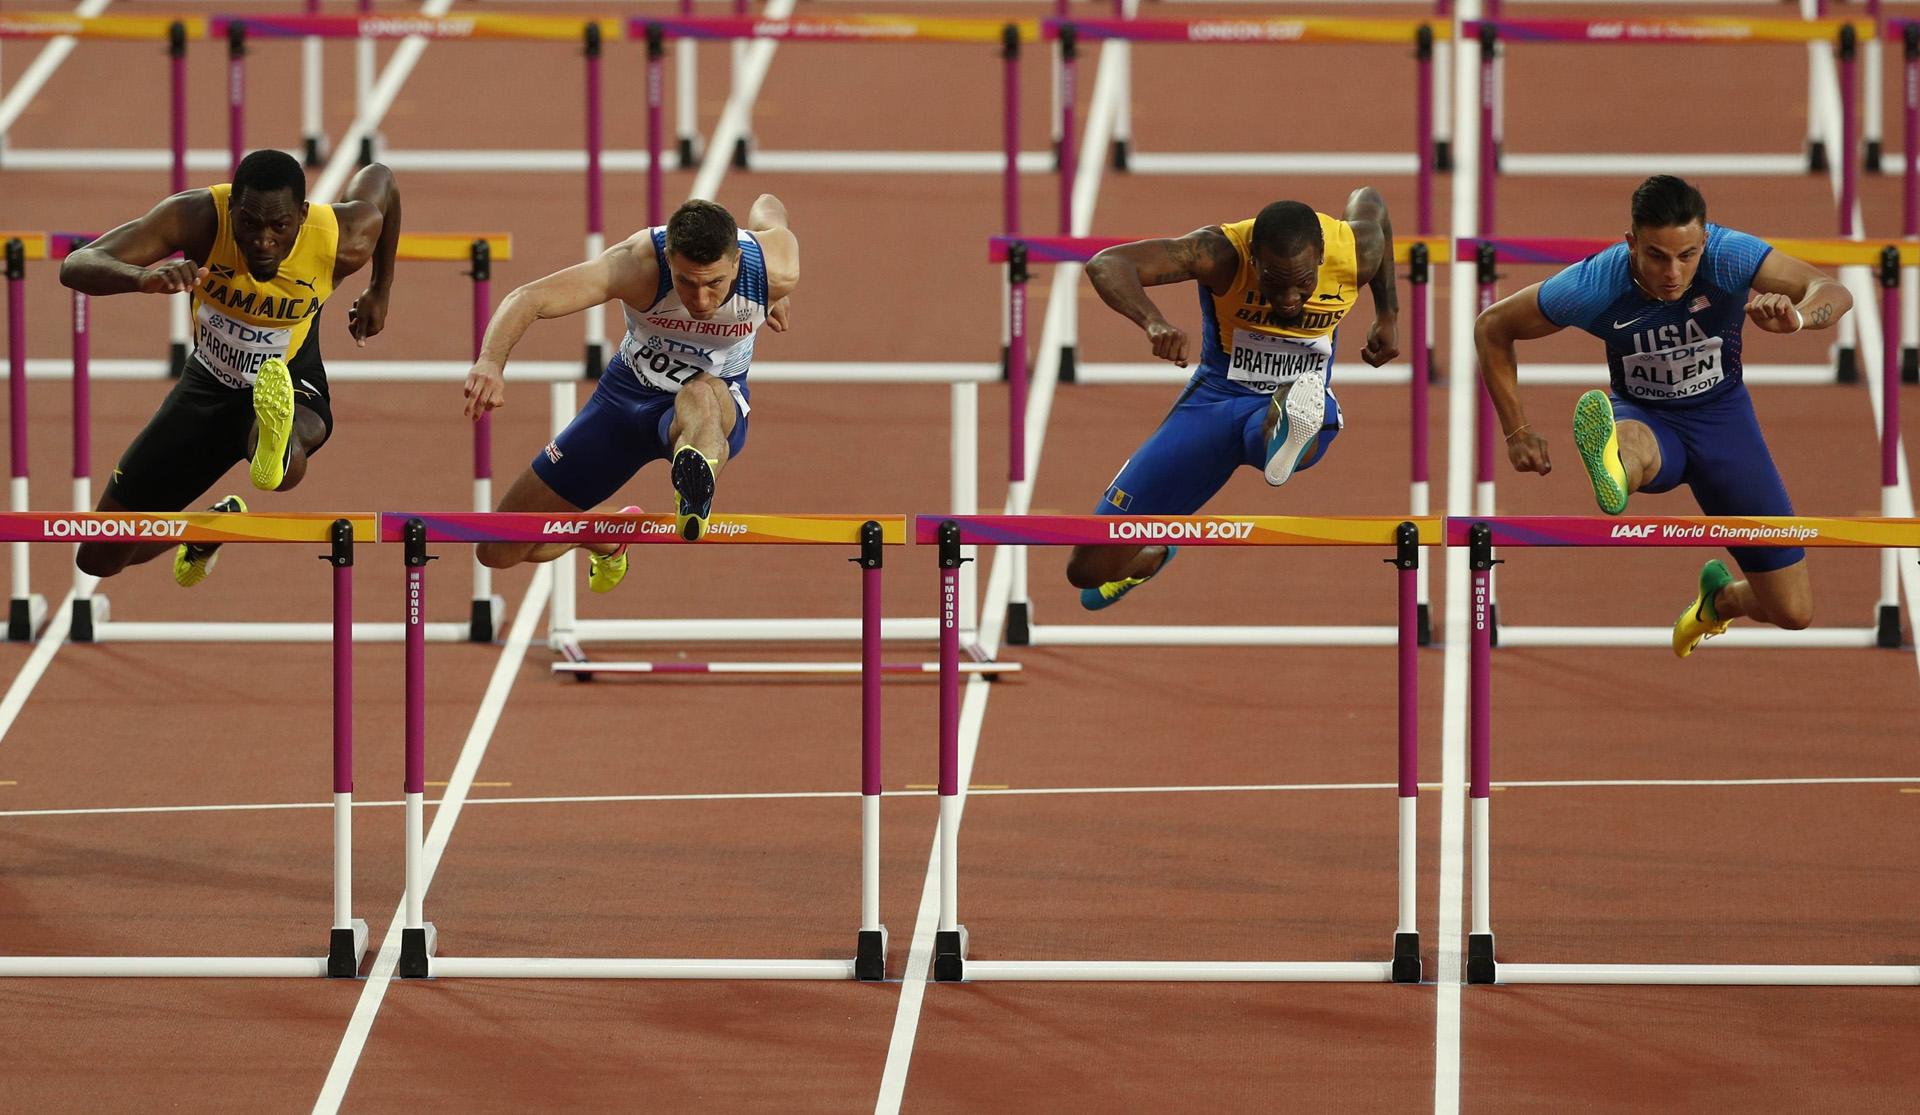 Los atletas saltan hacia la meta en la semifinal de los 110 metros con vallas